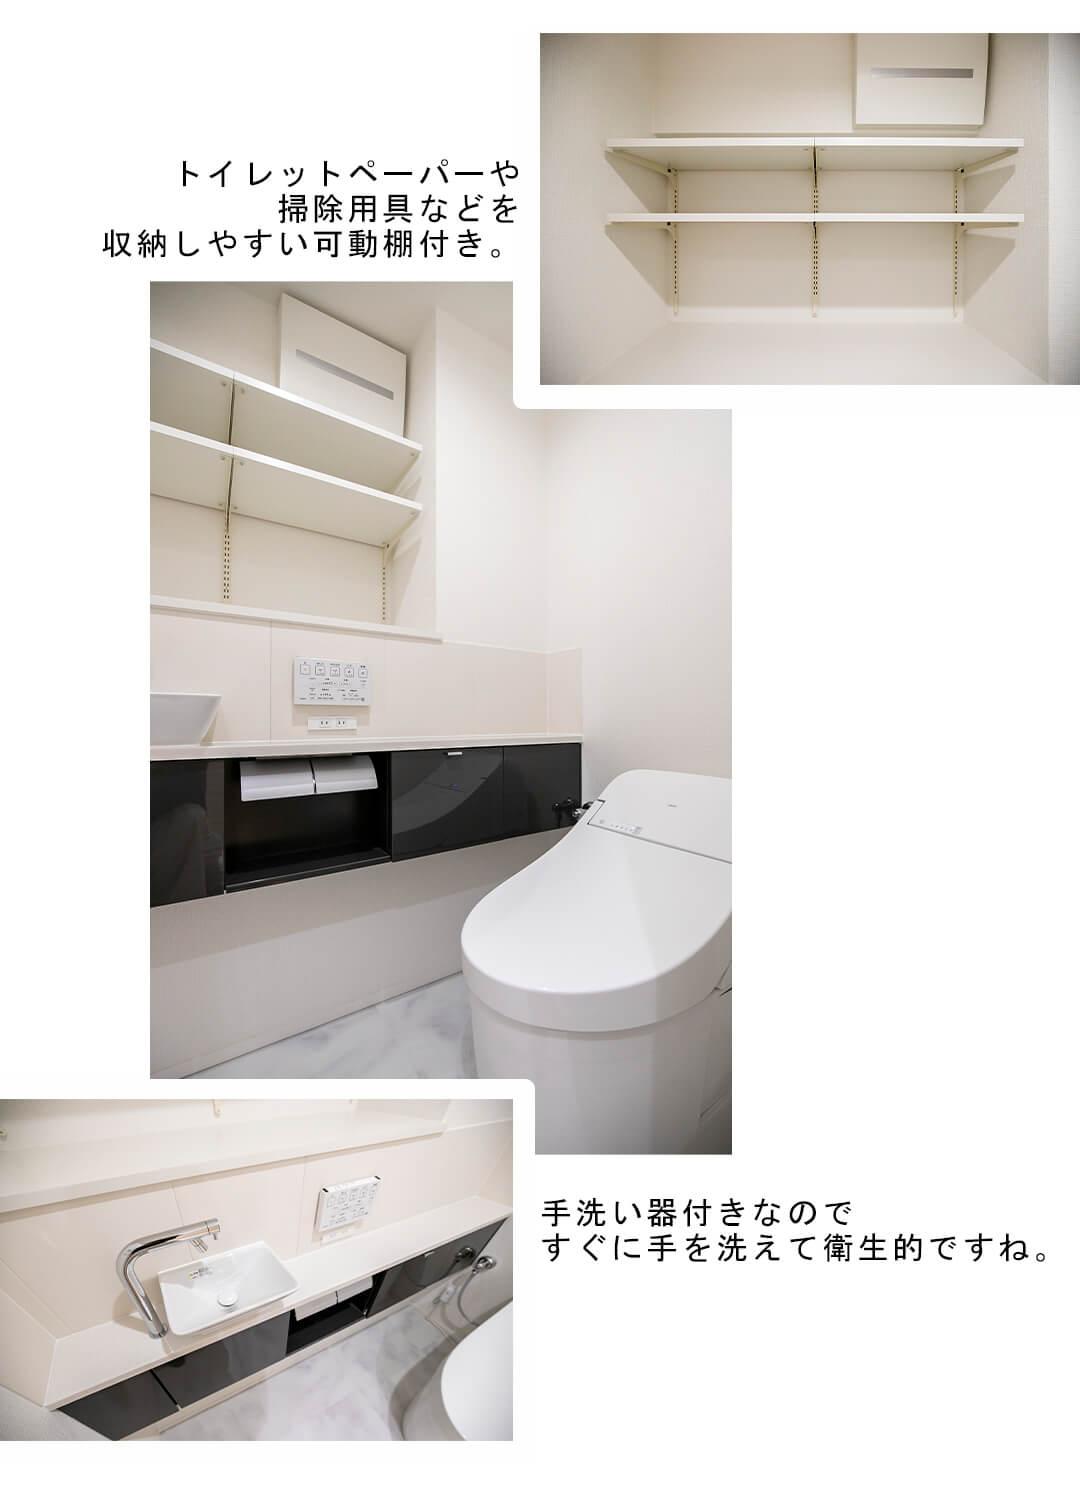 イトーピア広尾ヒルズクローチェのトイレ